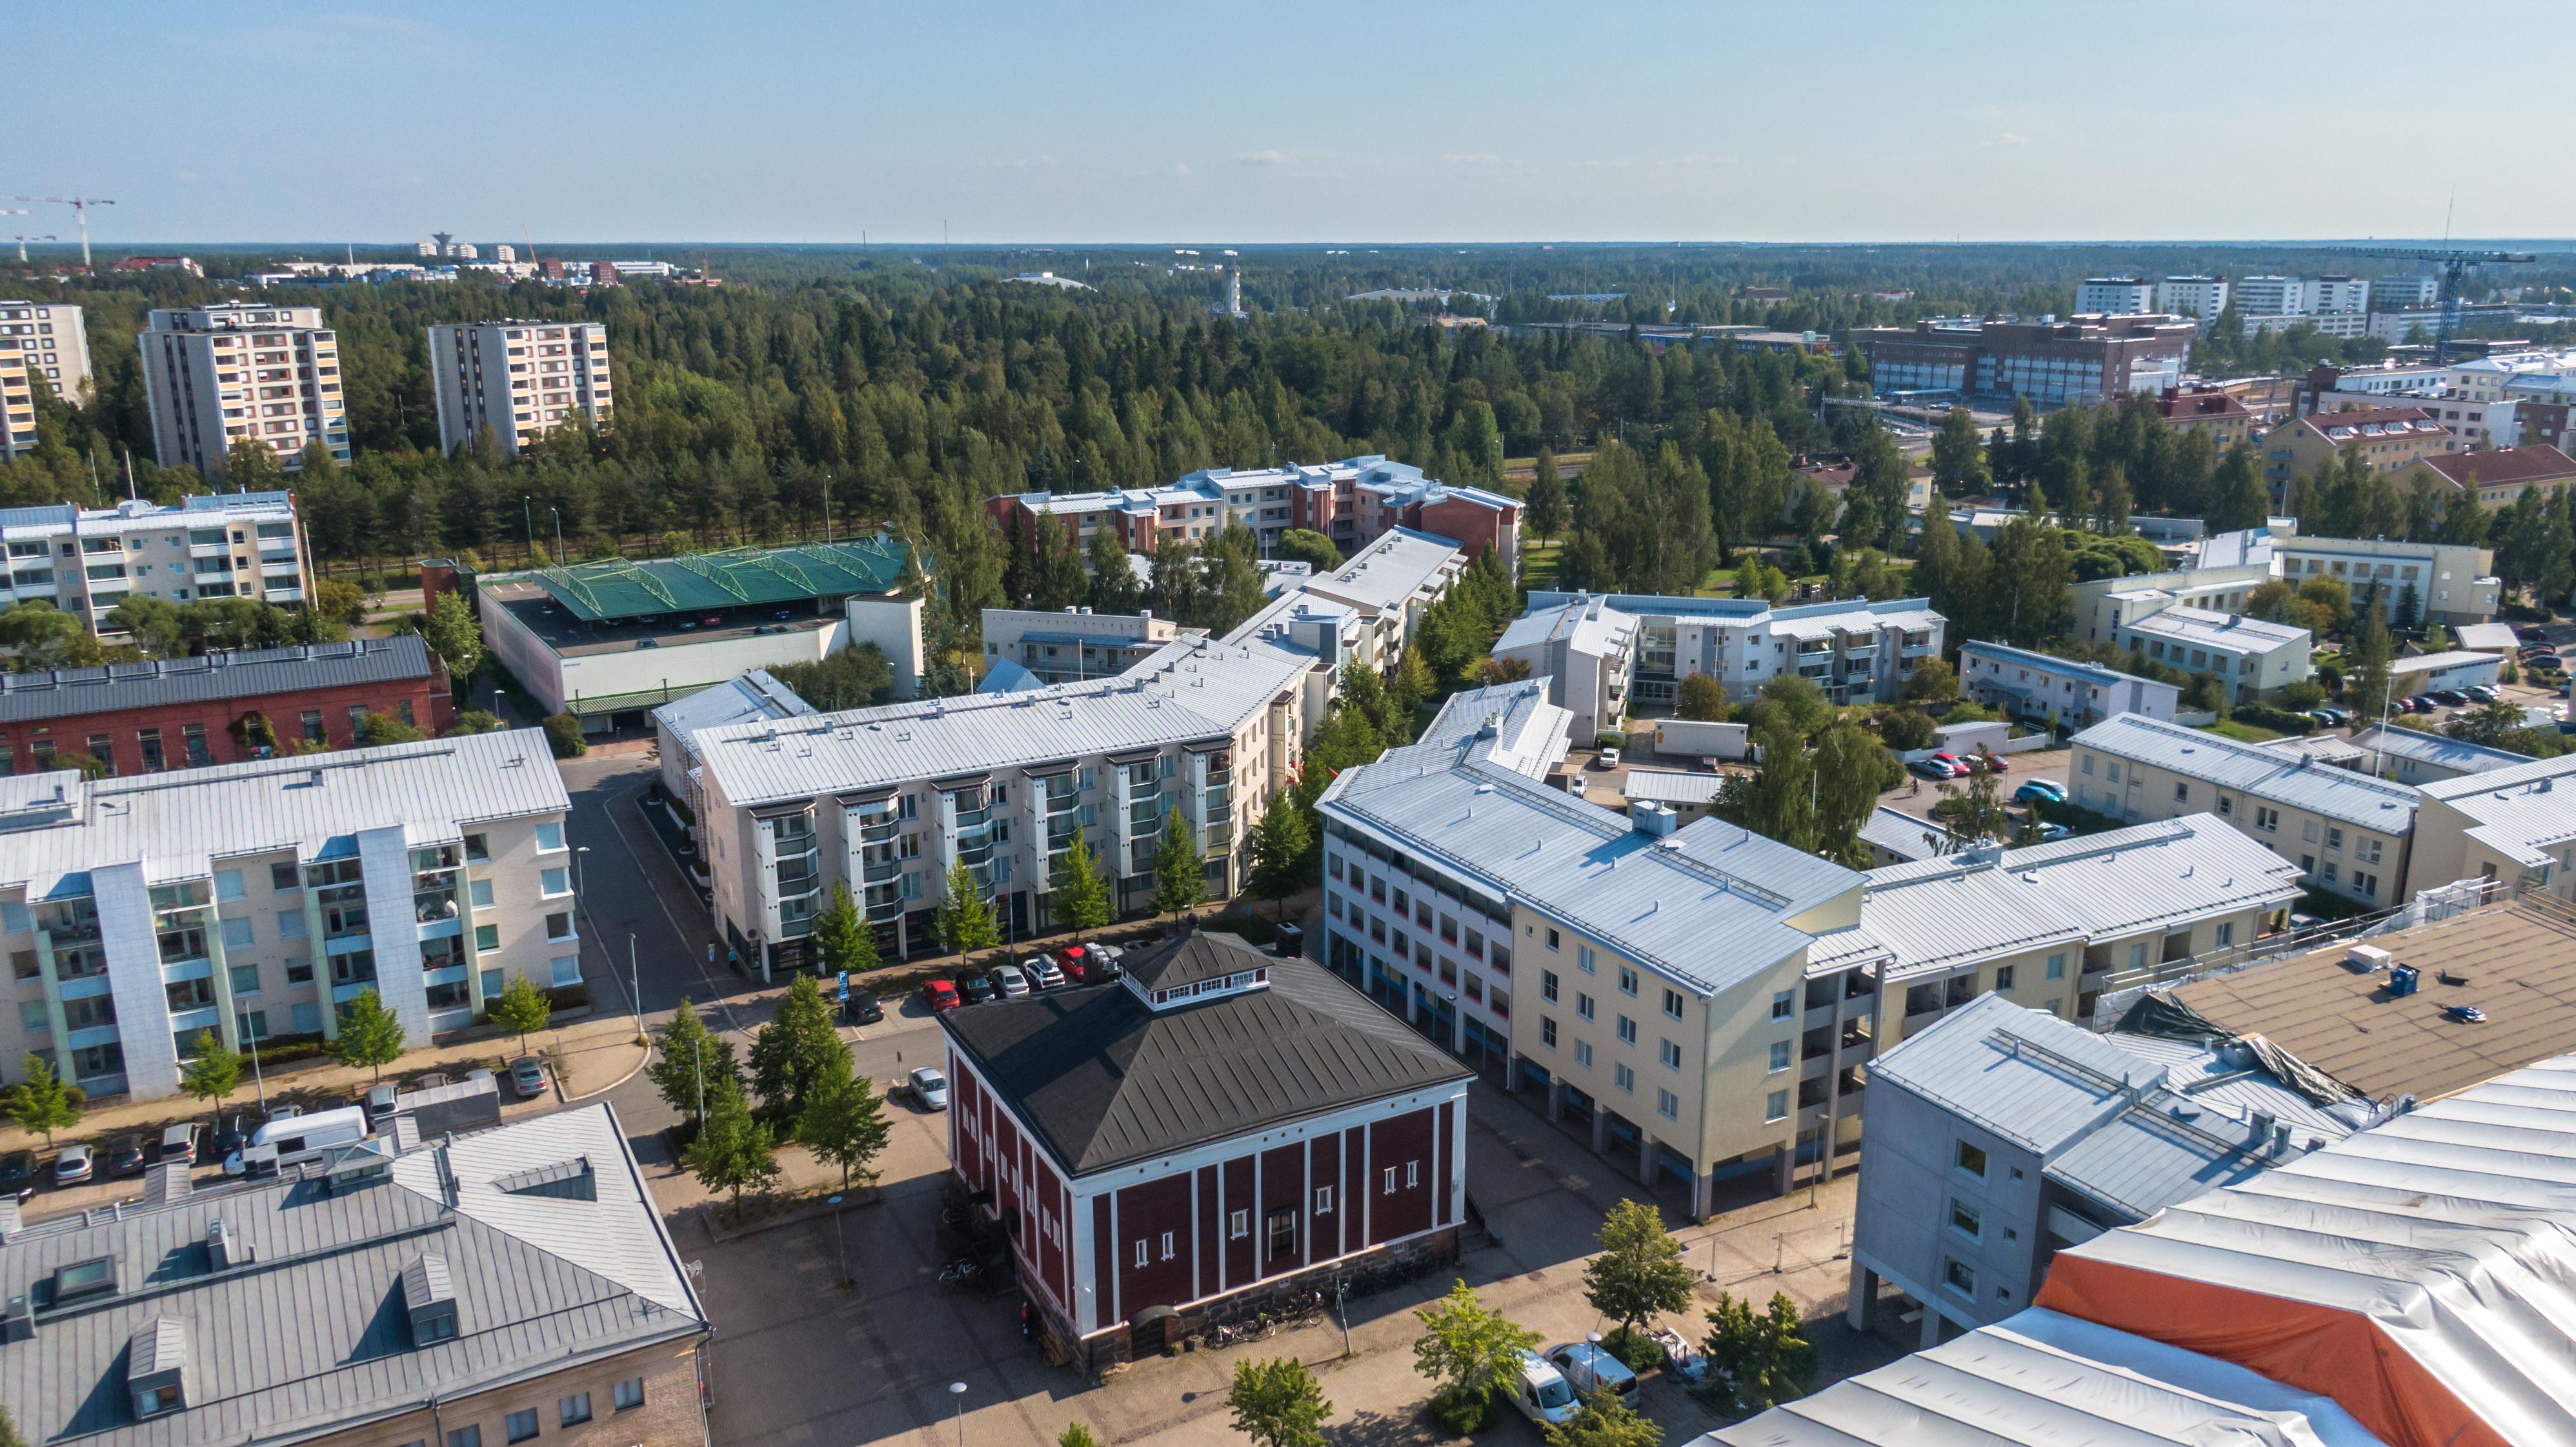 Kerrostaloasutusta ilmasta kuvattuna Oulun Myllytullissa.